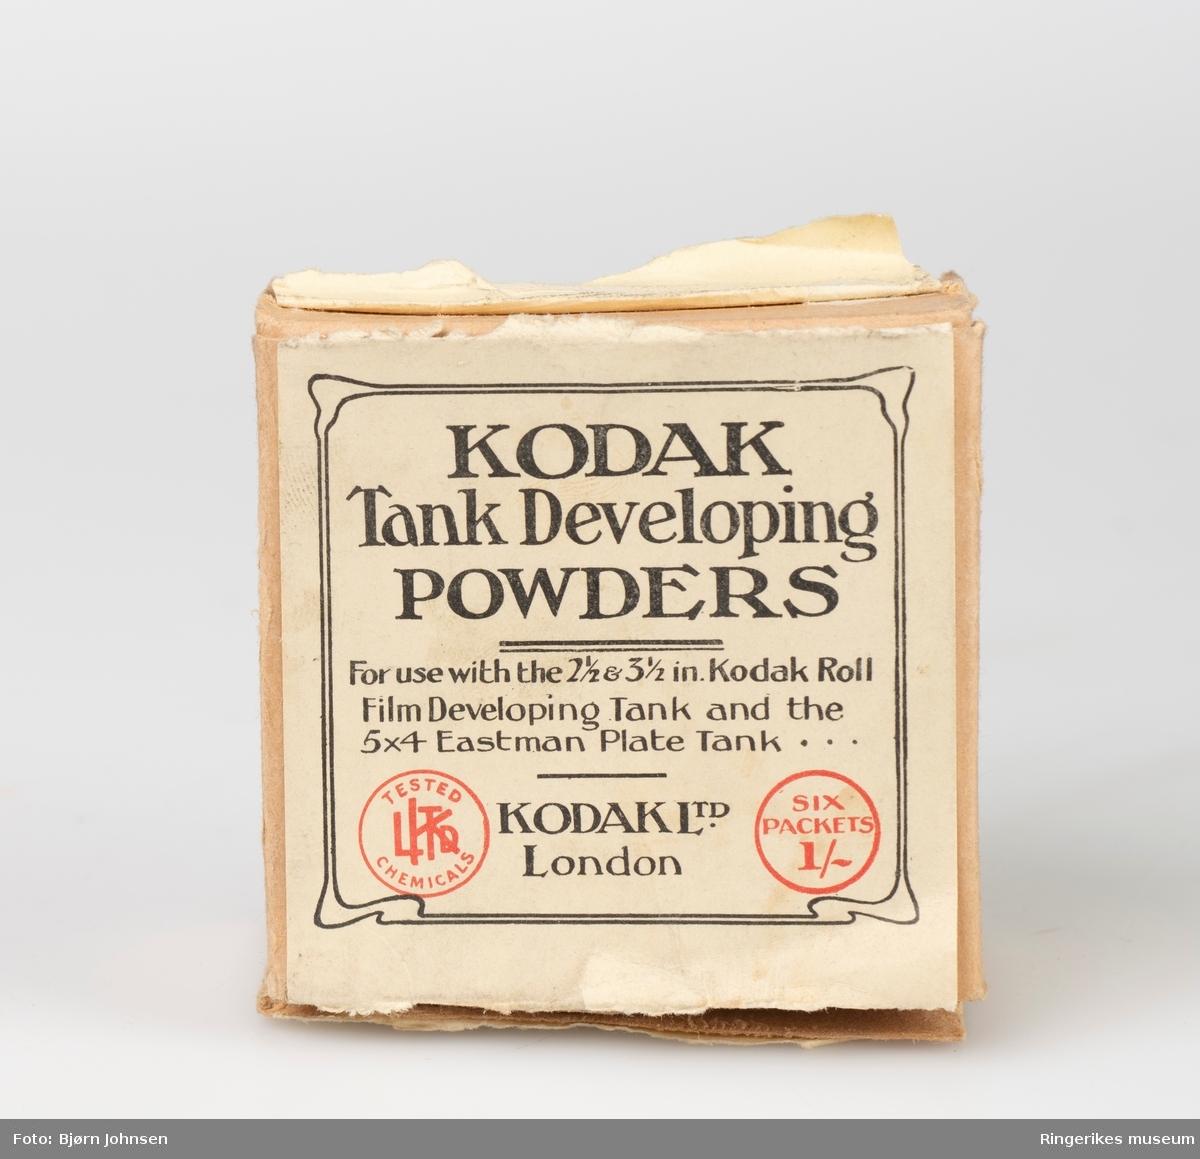 Kodak filmfremkallingsutstyr- Kodak filmtank ble produsert i perioden 1905-1937  Settet består av en tre eske for å tre filmen inn på spoler,  en fremkallingsboks og en pakke med Kodak kjemi, Kodak developing powder. Model B-2 fra 1916.